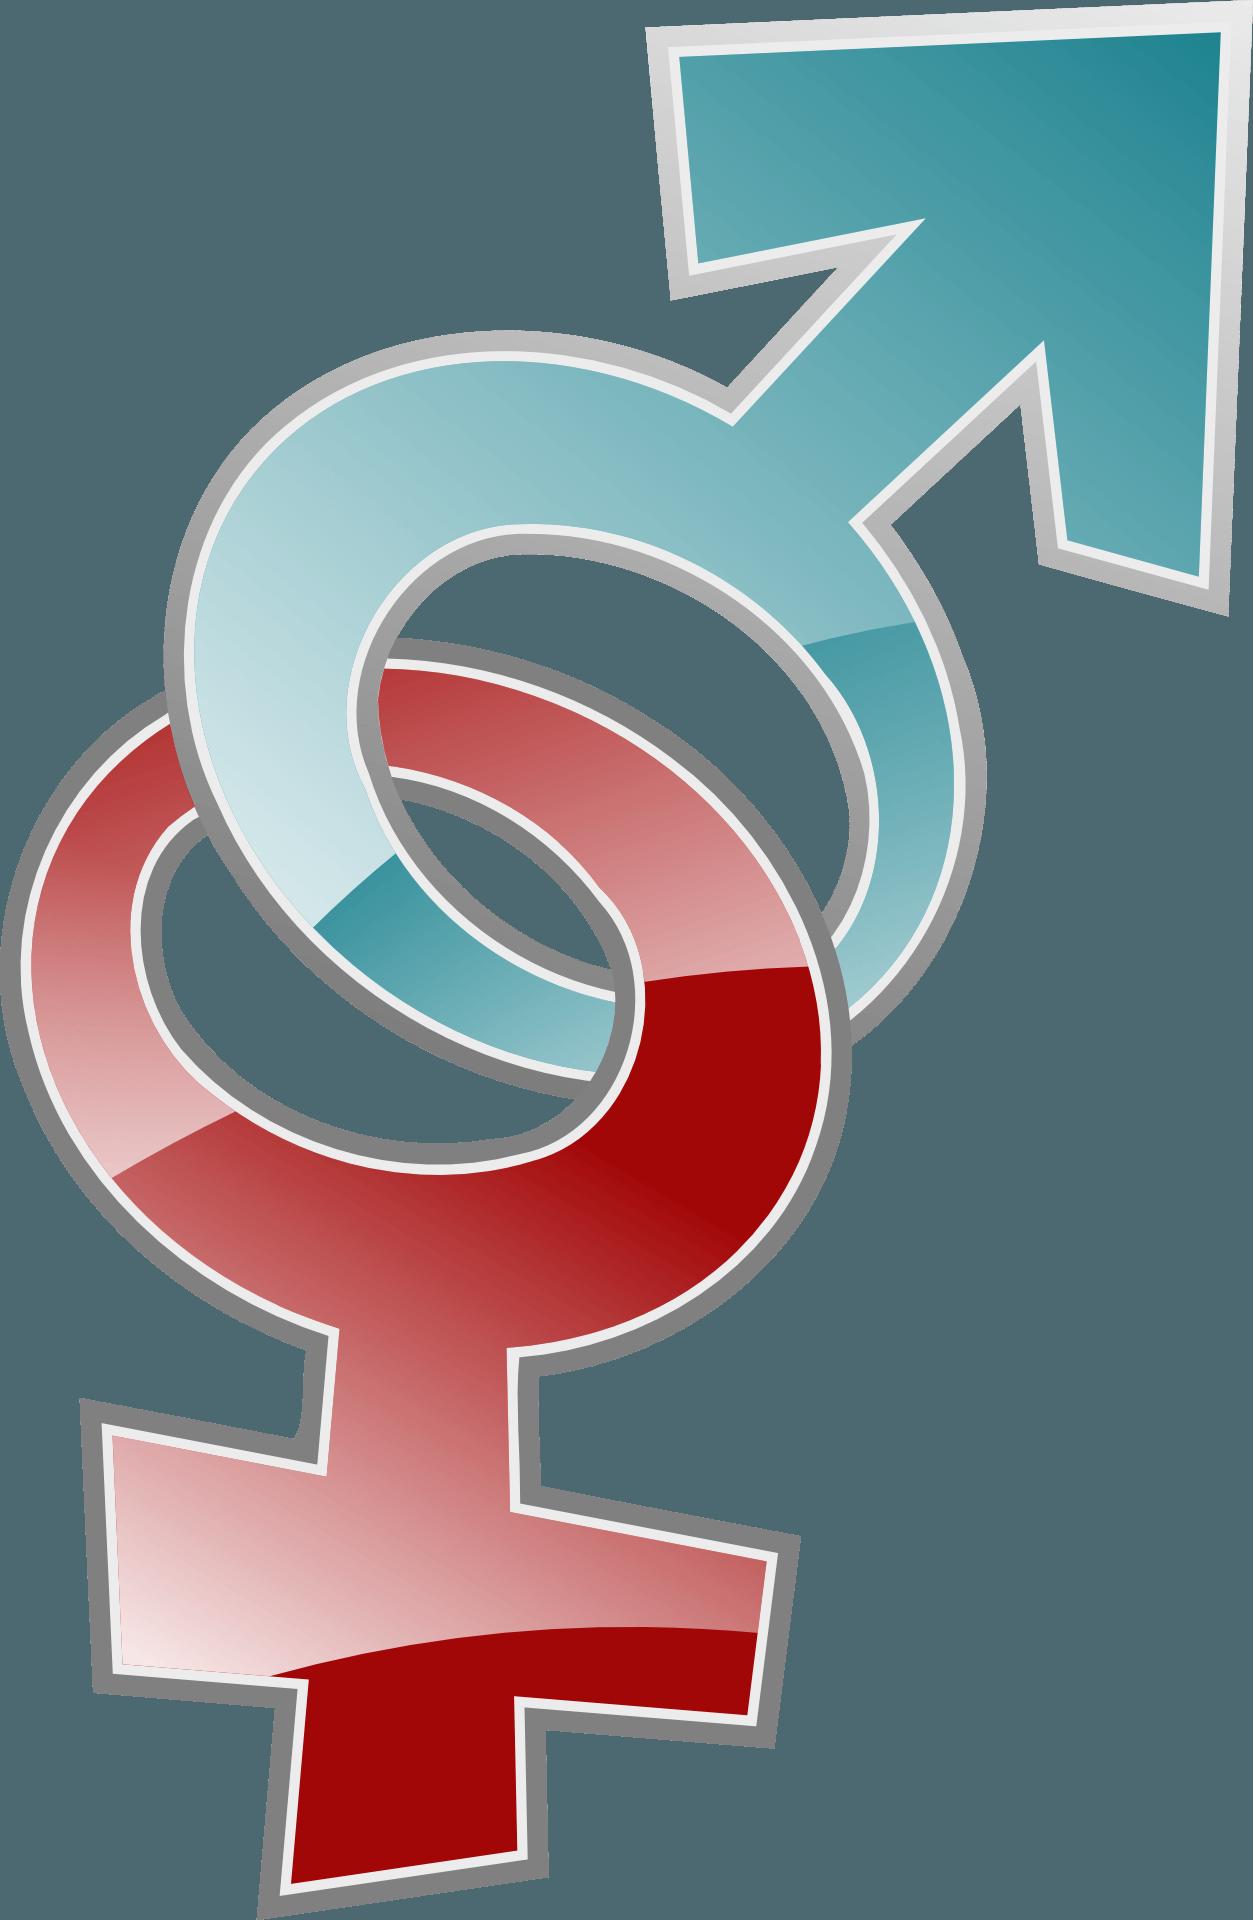 Conteúdo Adulto – Mundo do prazer online site adulto